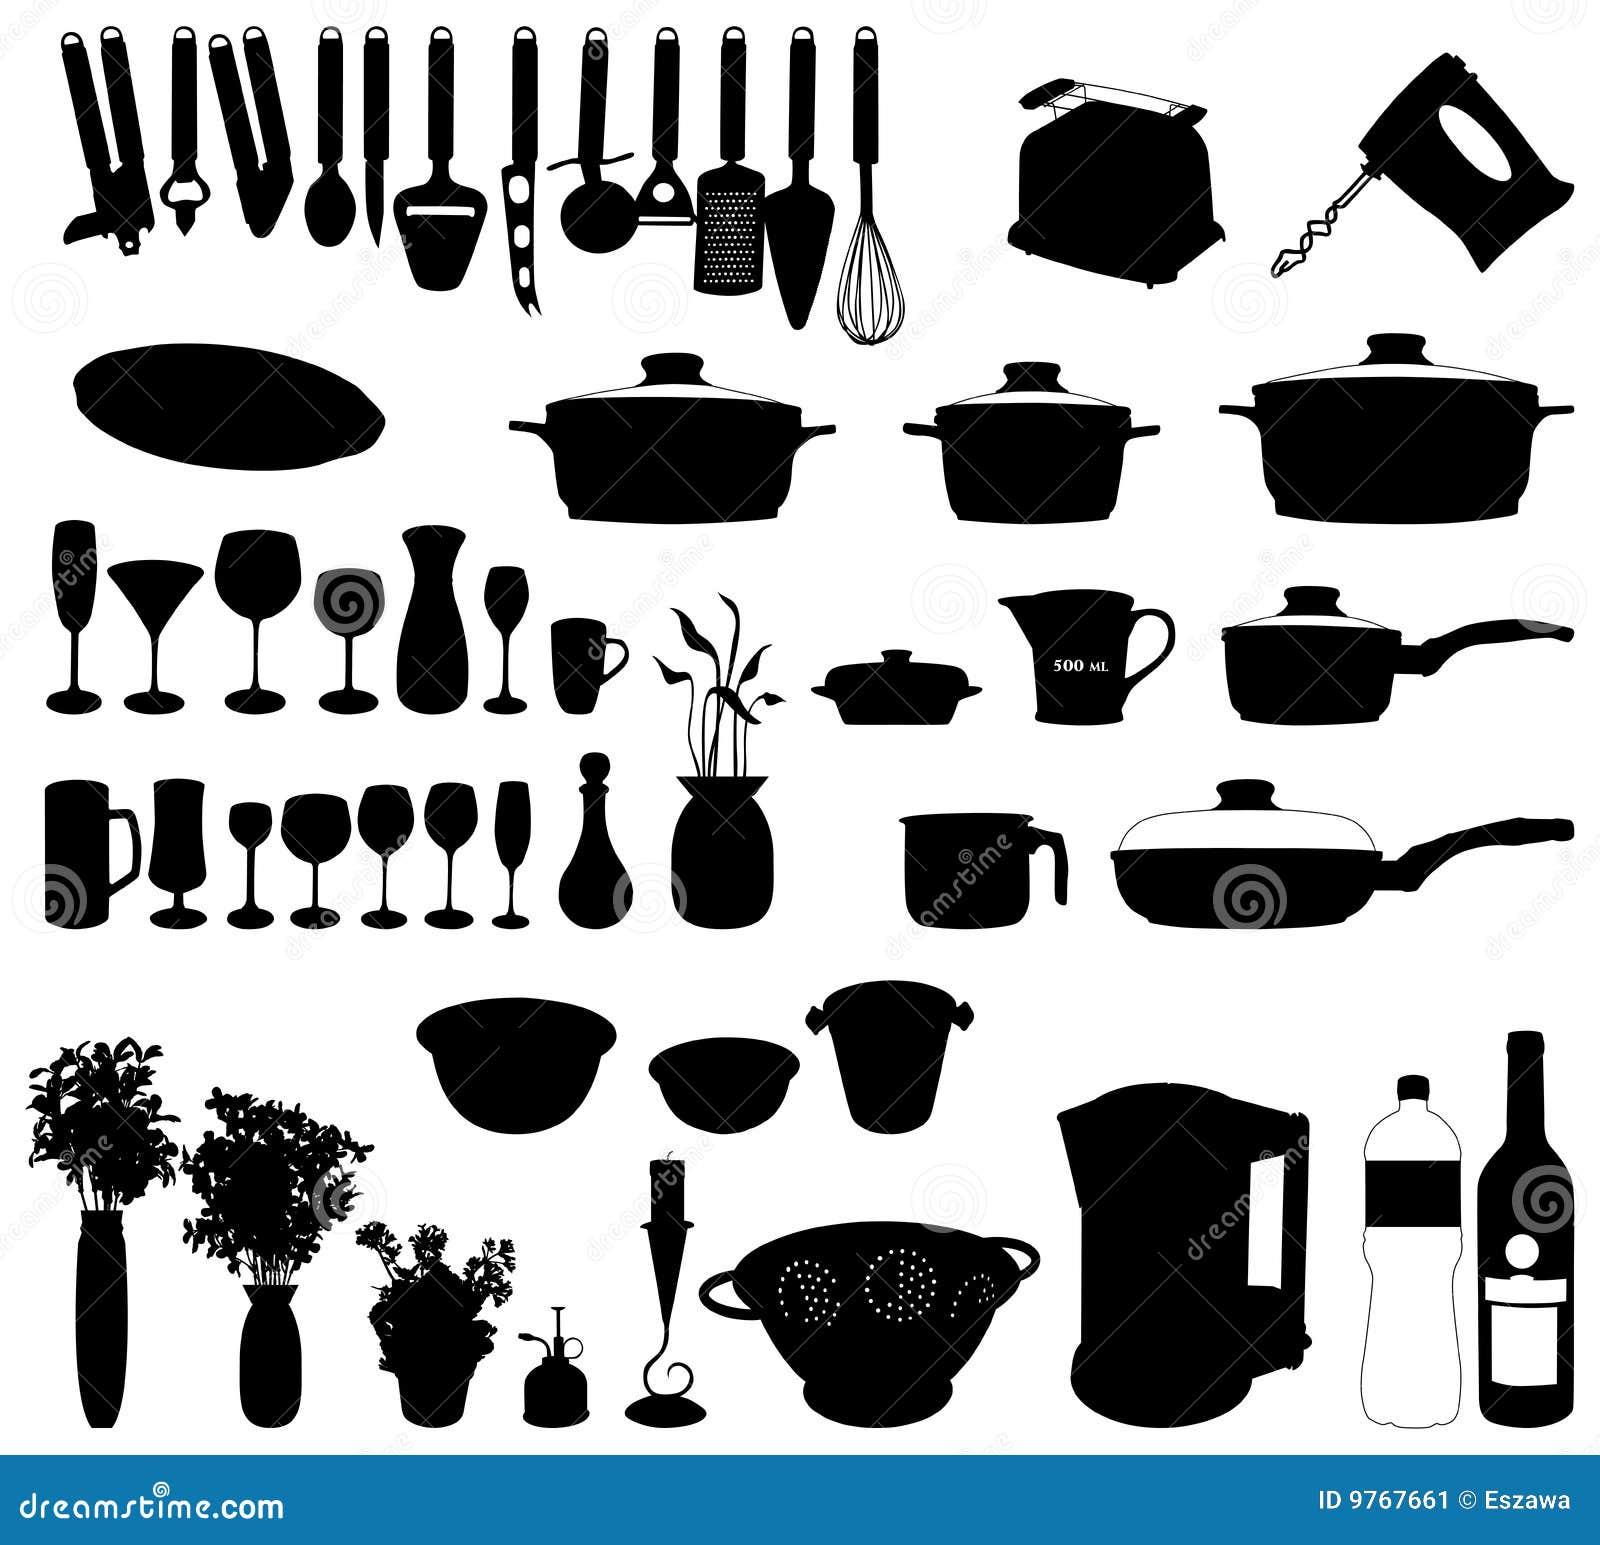 Objetos de la cocina vector de la silueta imagen de - Objetos de cocina ...